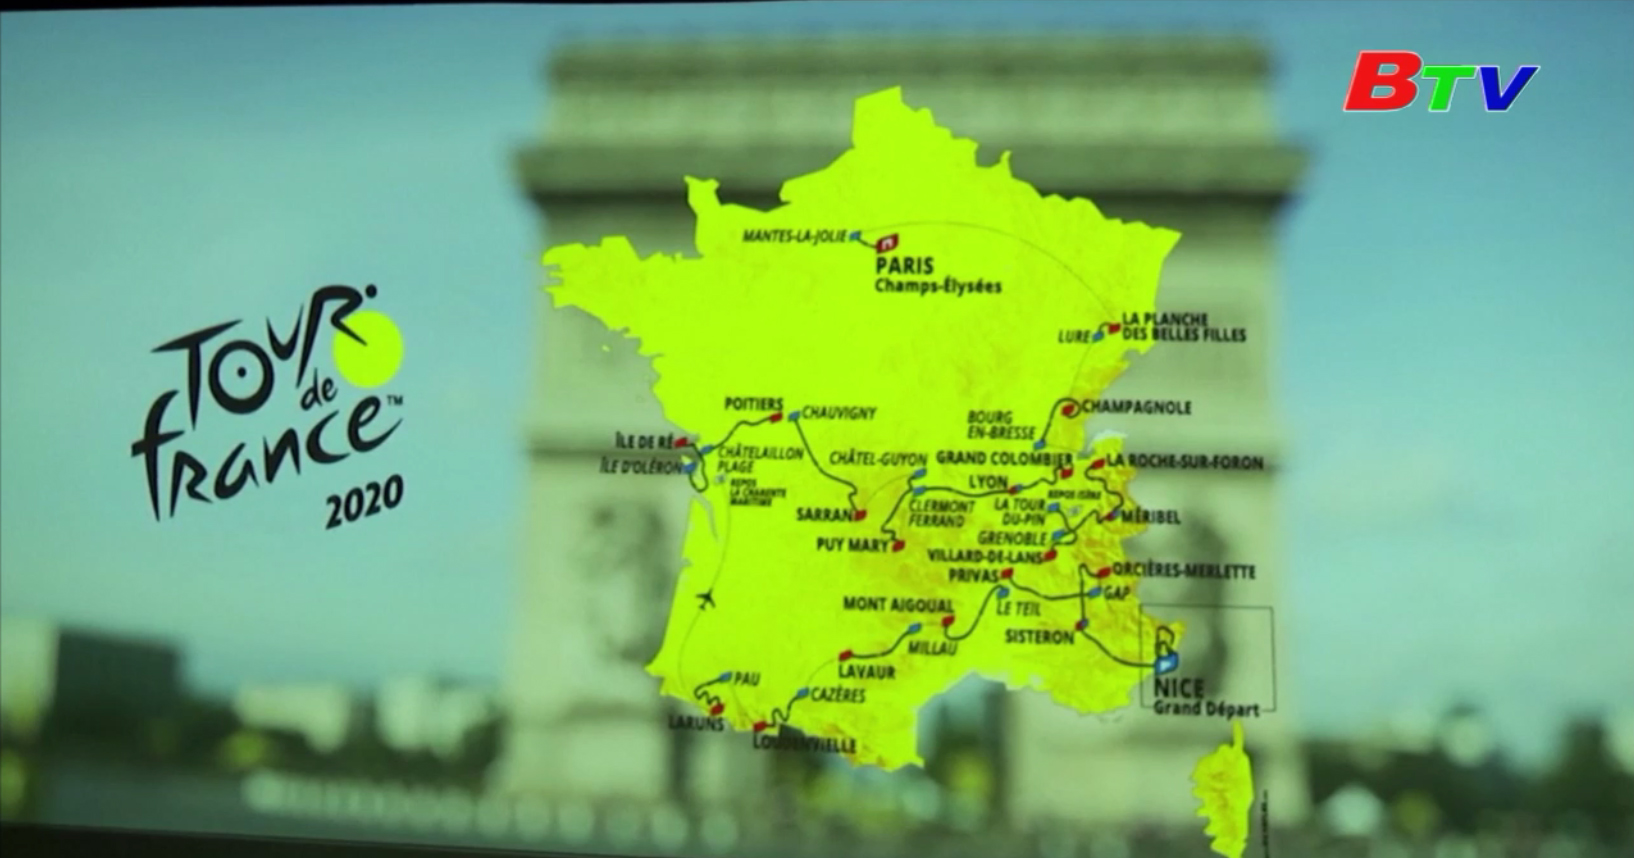 Công bố lộ trình Tour de France 2020